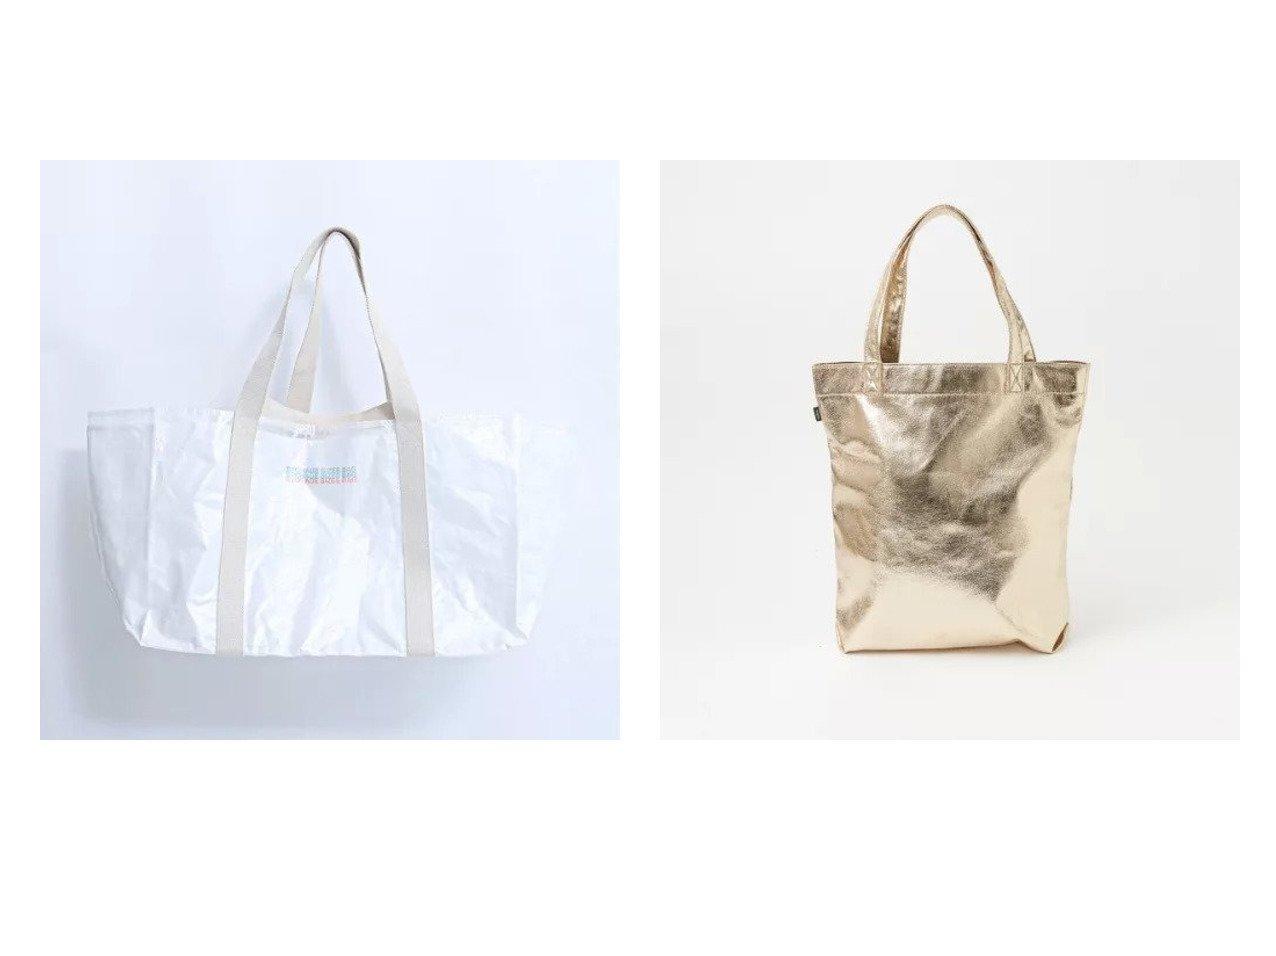 【collex/コレックス】の《定番人気》メタリックトートバッグ&《SSB》トートバッグ XL 【バッグ・鞄】おすすめ!人気、トレンド・レディースファッションの通販 おすすめで人気の流行・トレンド、ファッションの通販商品 インテリア・家具・メンズファッション・キッズファッション・レディースファッション・服の通販 founy(ファニー) https://founy.com/ ファッション Fashion レディースファッション WOMEN バッグ Bag ラップ おすすめ Recommend シンプル ポケット メタリック 人気 定番 Standard  ID:crp329100000067319